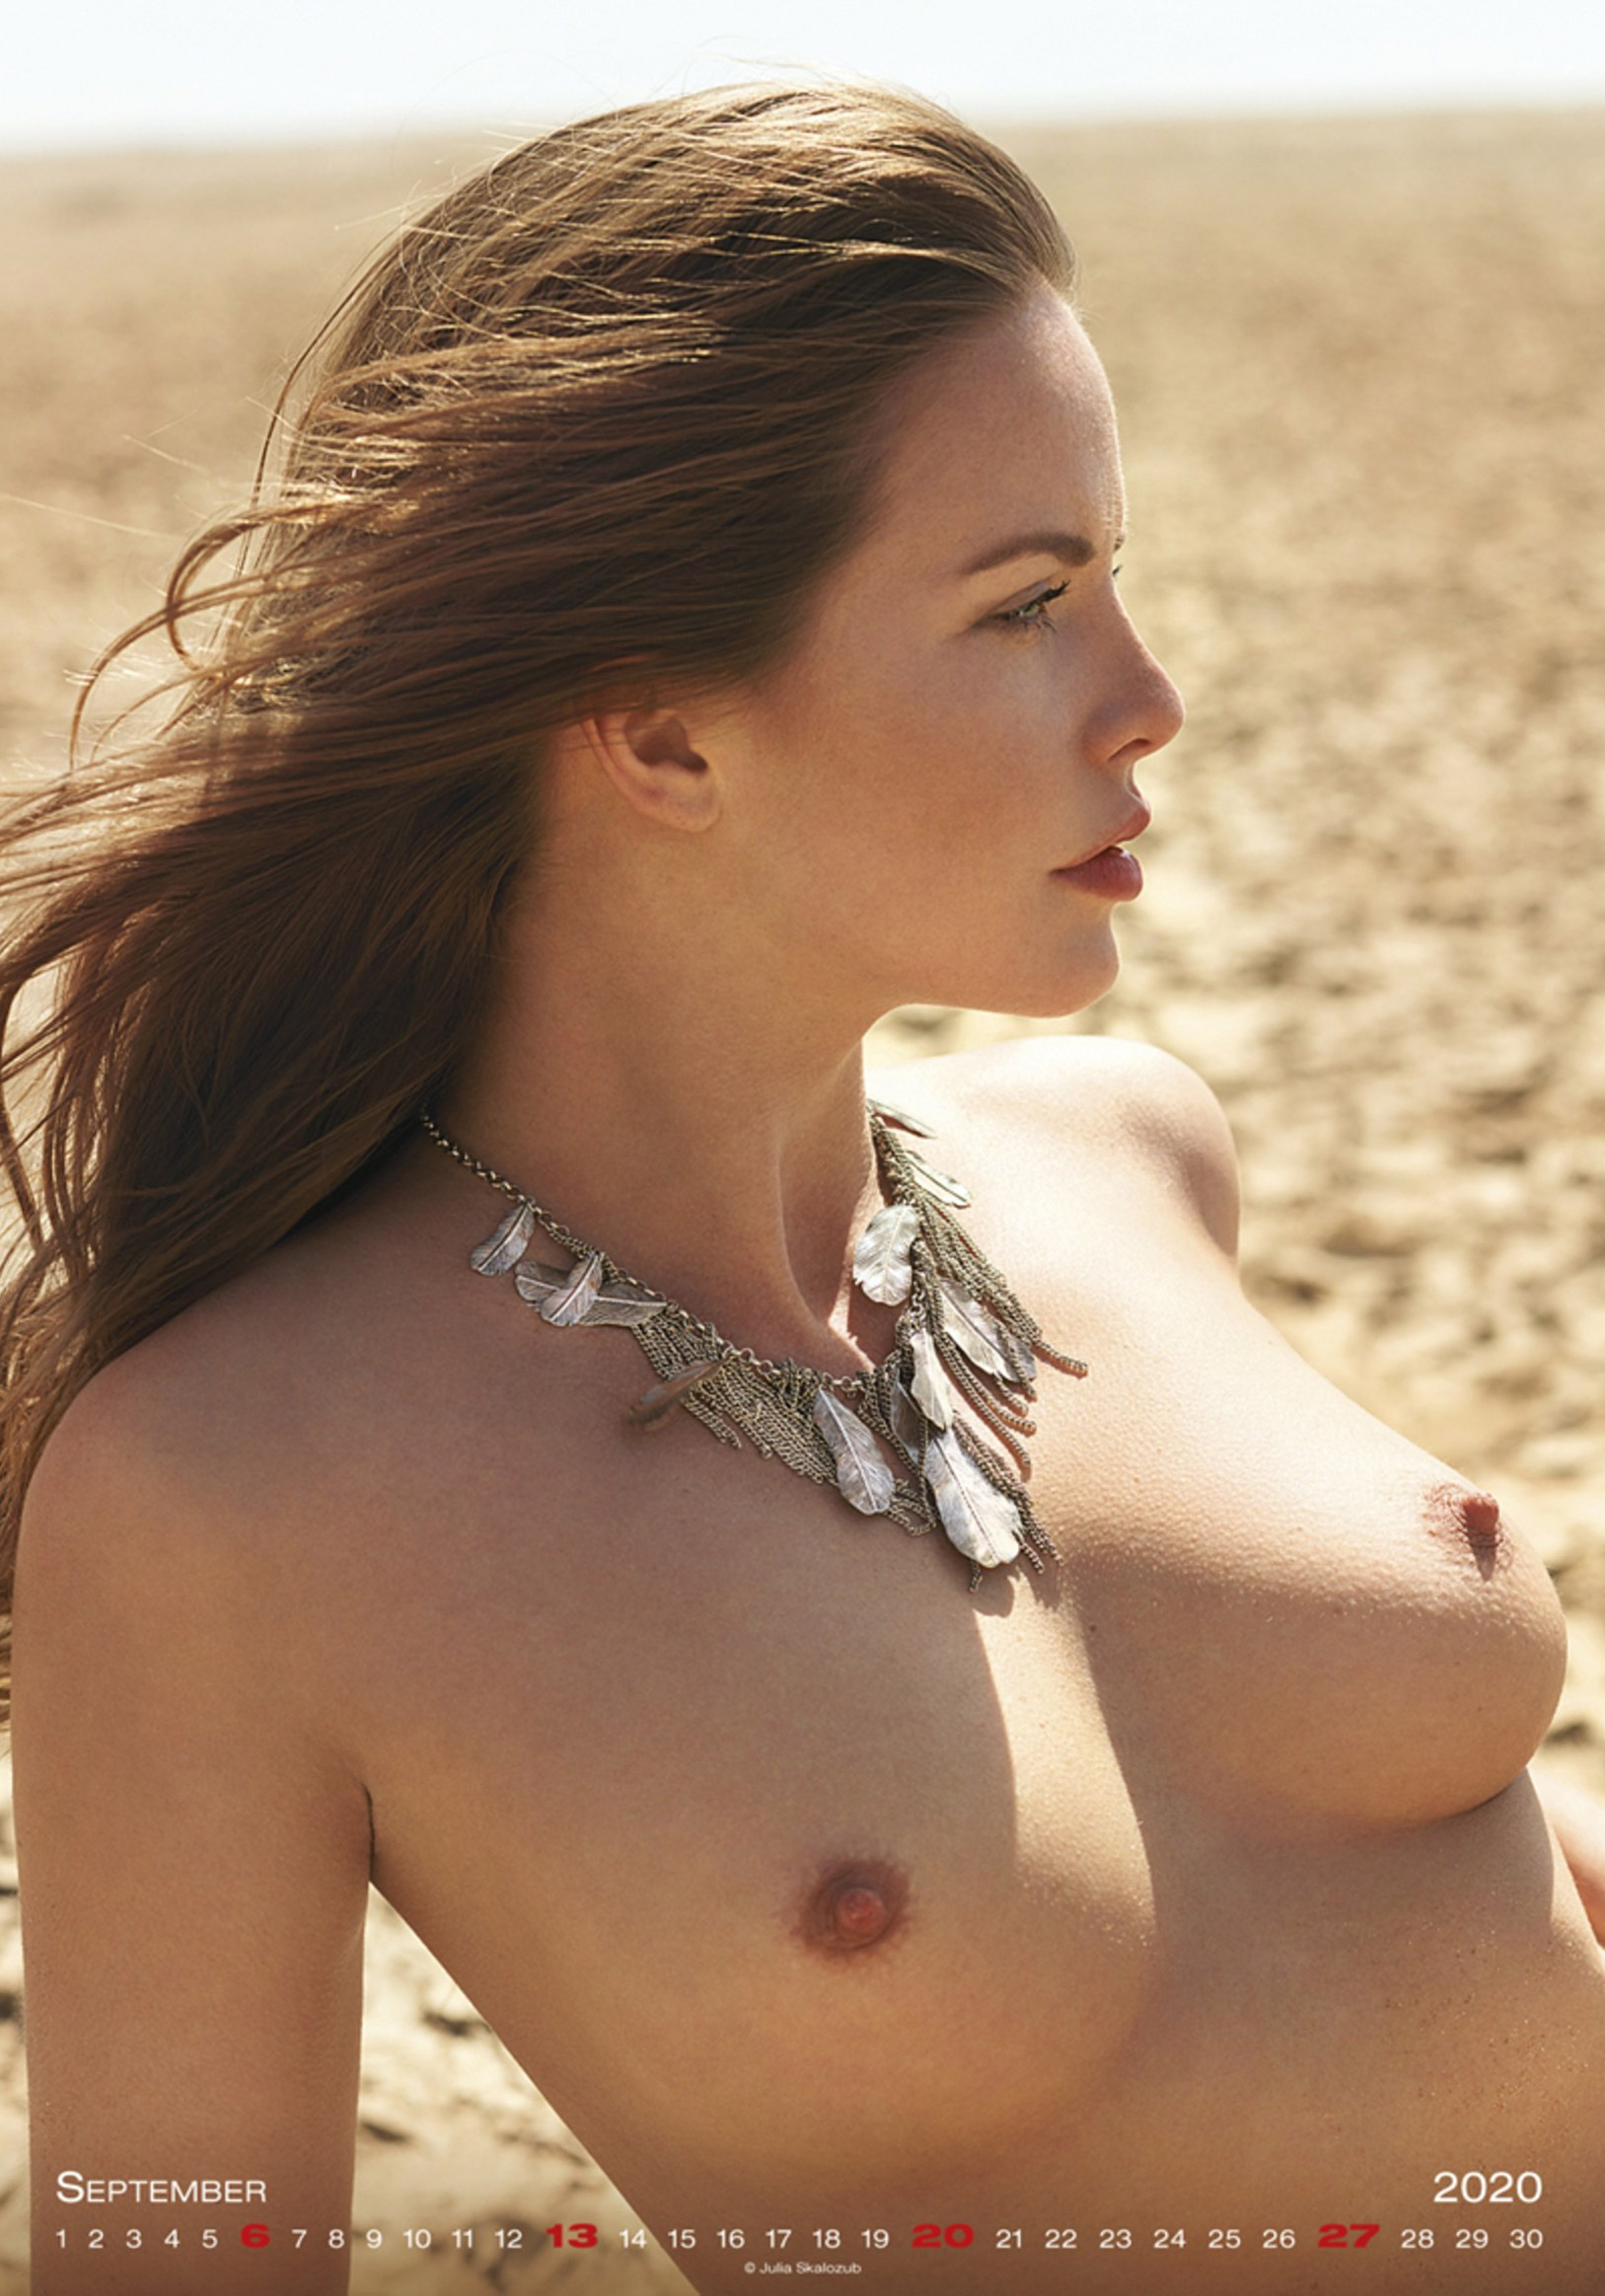 Сексуальные голые девушки в календаре на 2020 год, фотограф Юлия Скалозуб / сентябрь